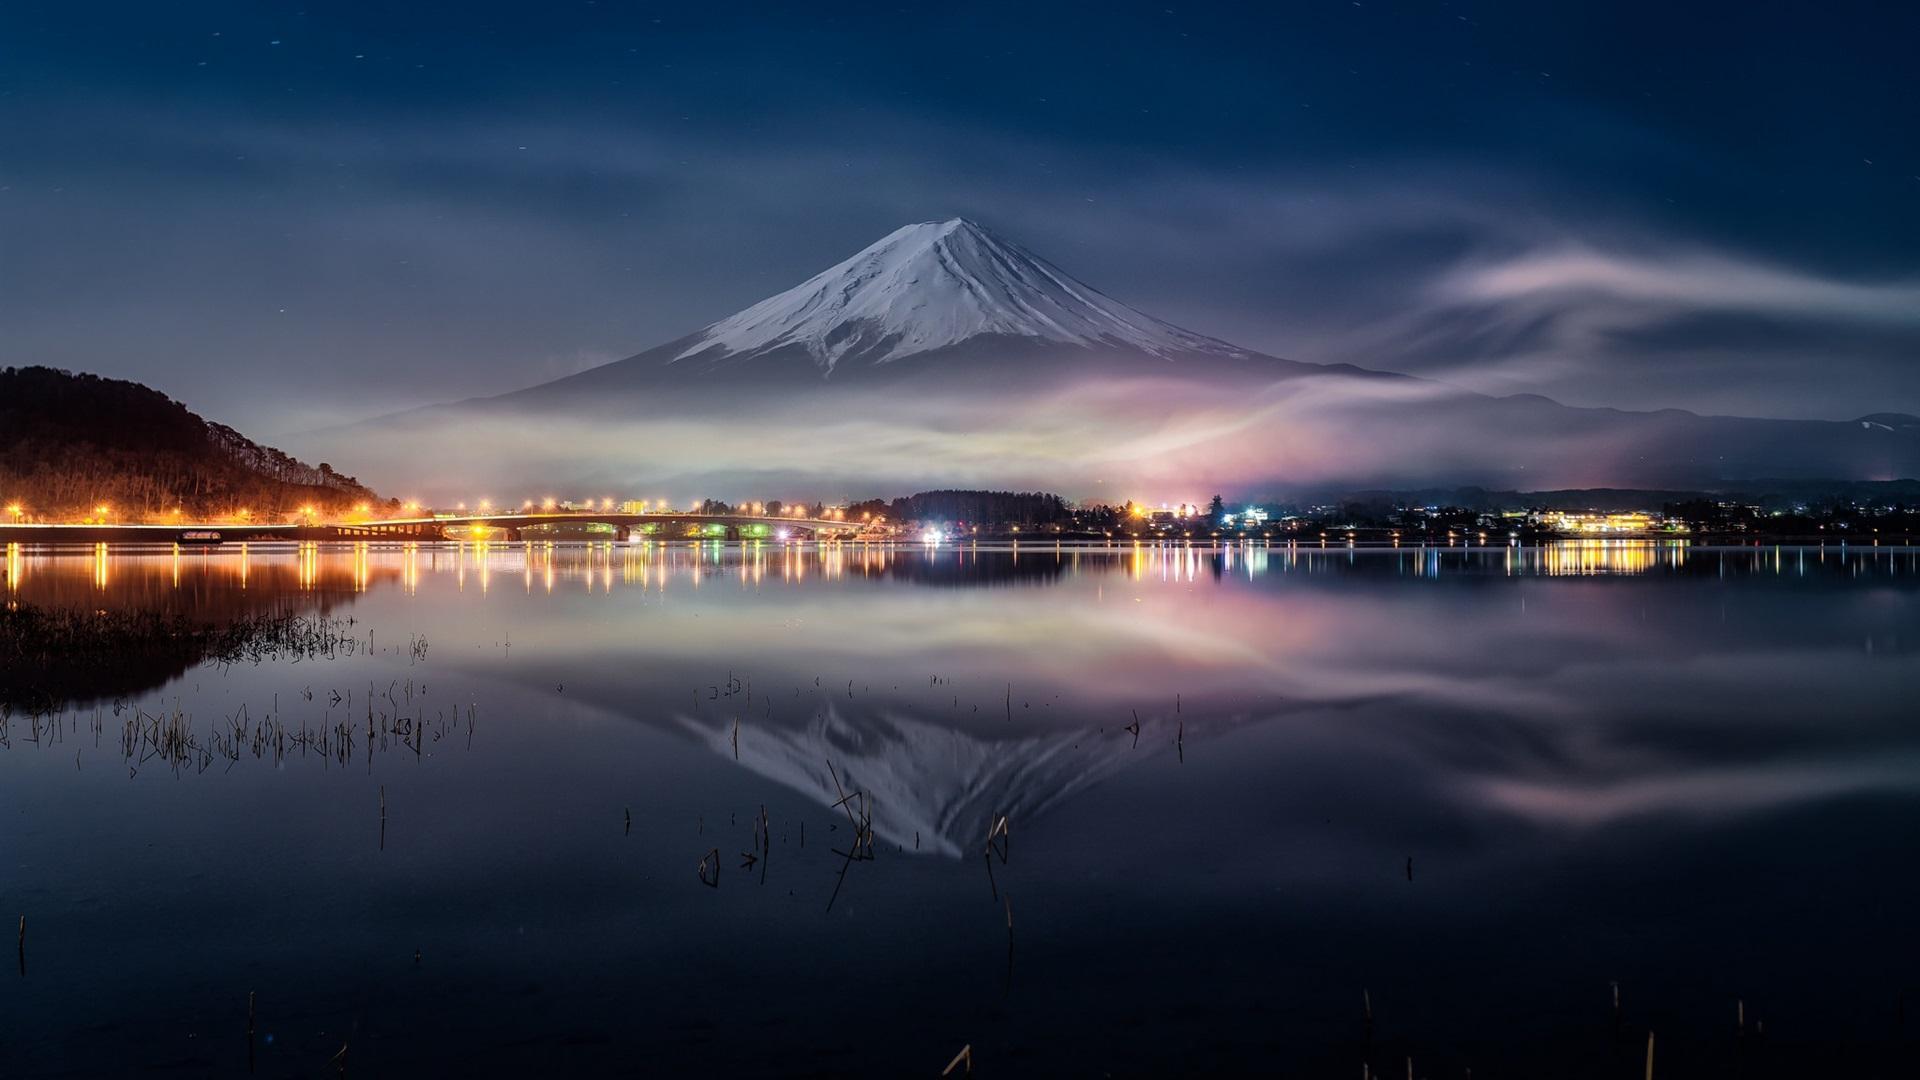 外国人日本买房要买保险吗?东京房产买卖合同怎么签订? - 得居房产百科